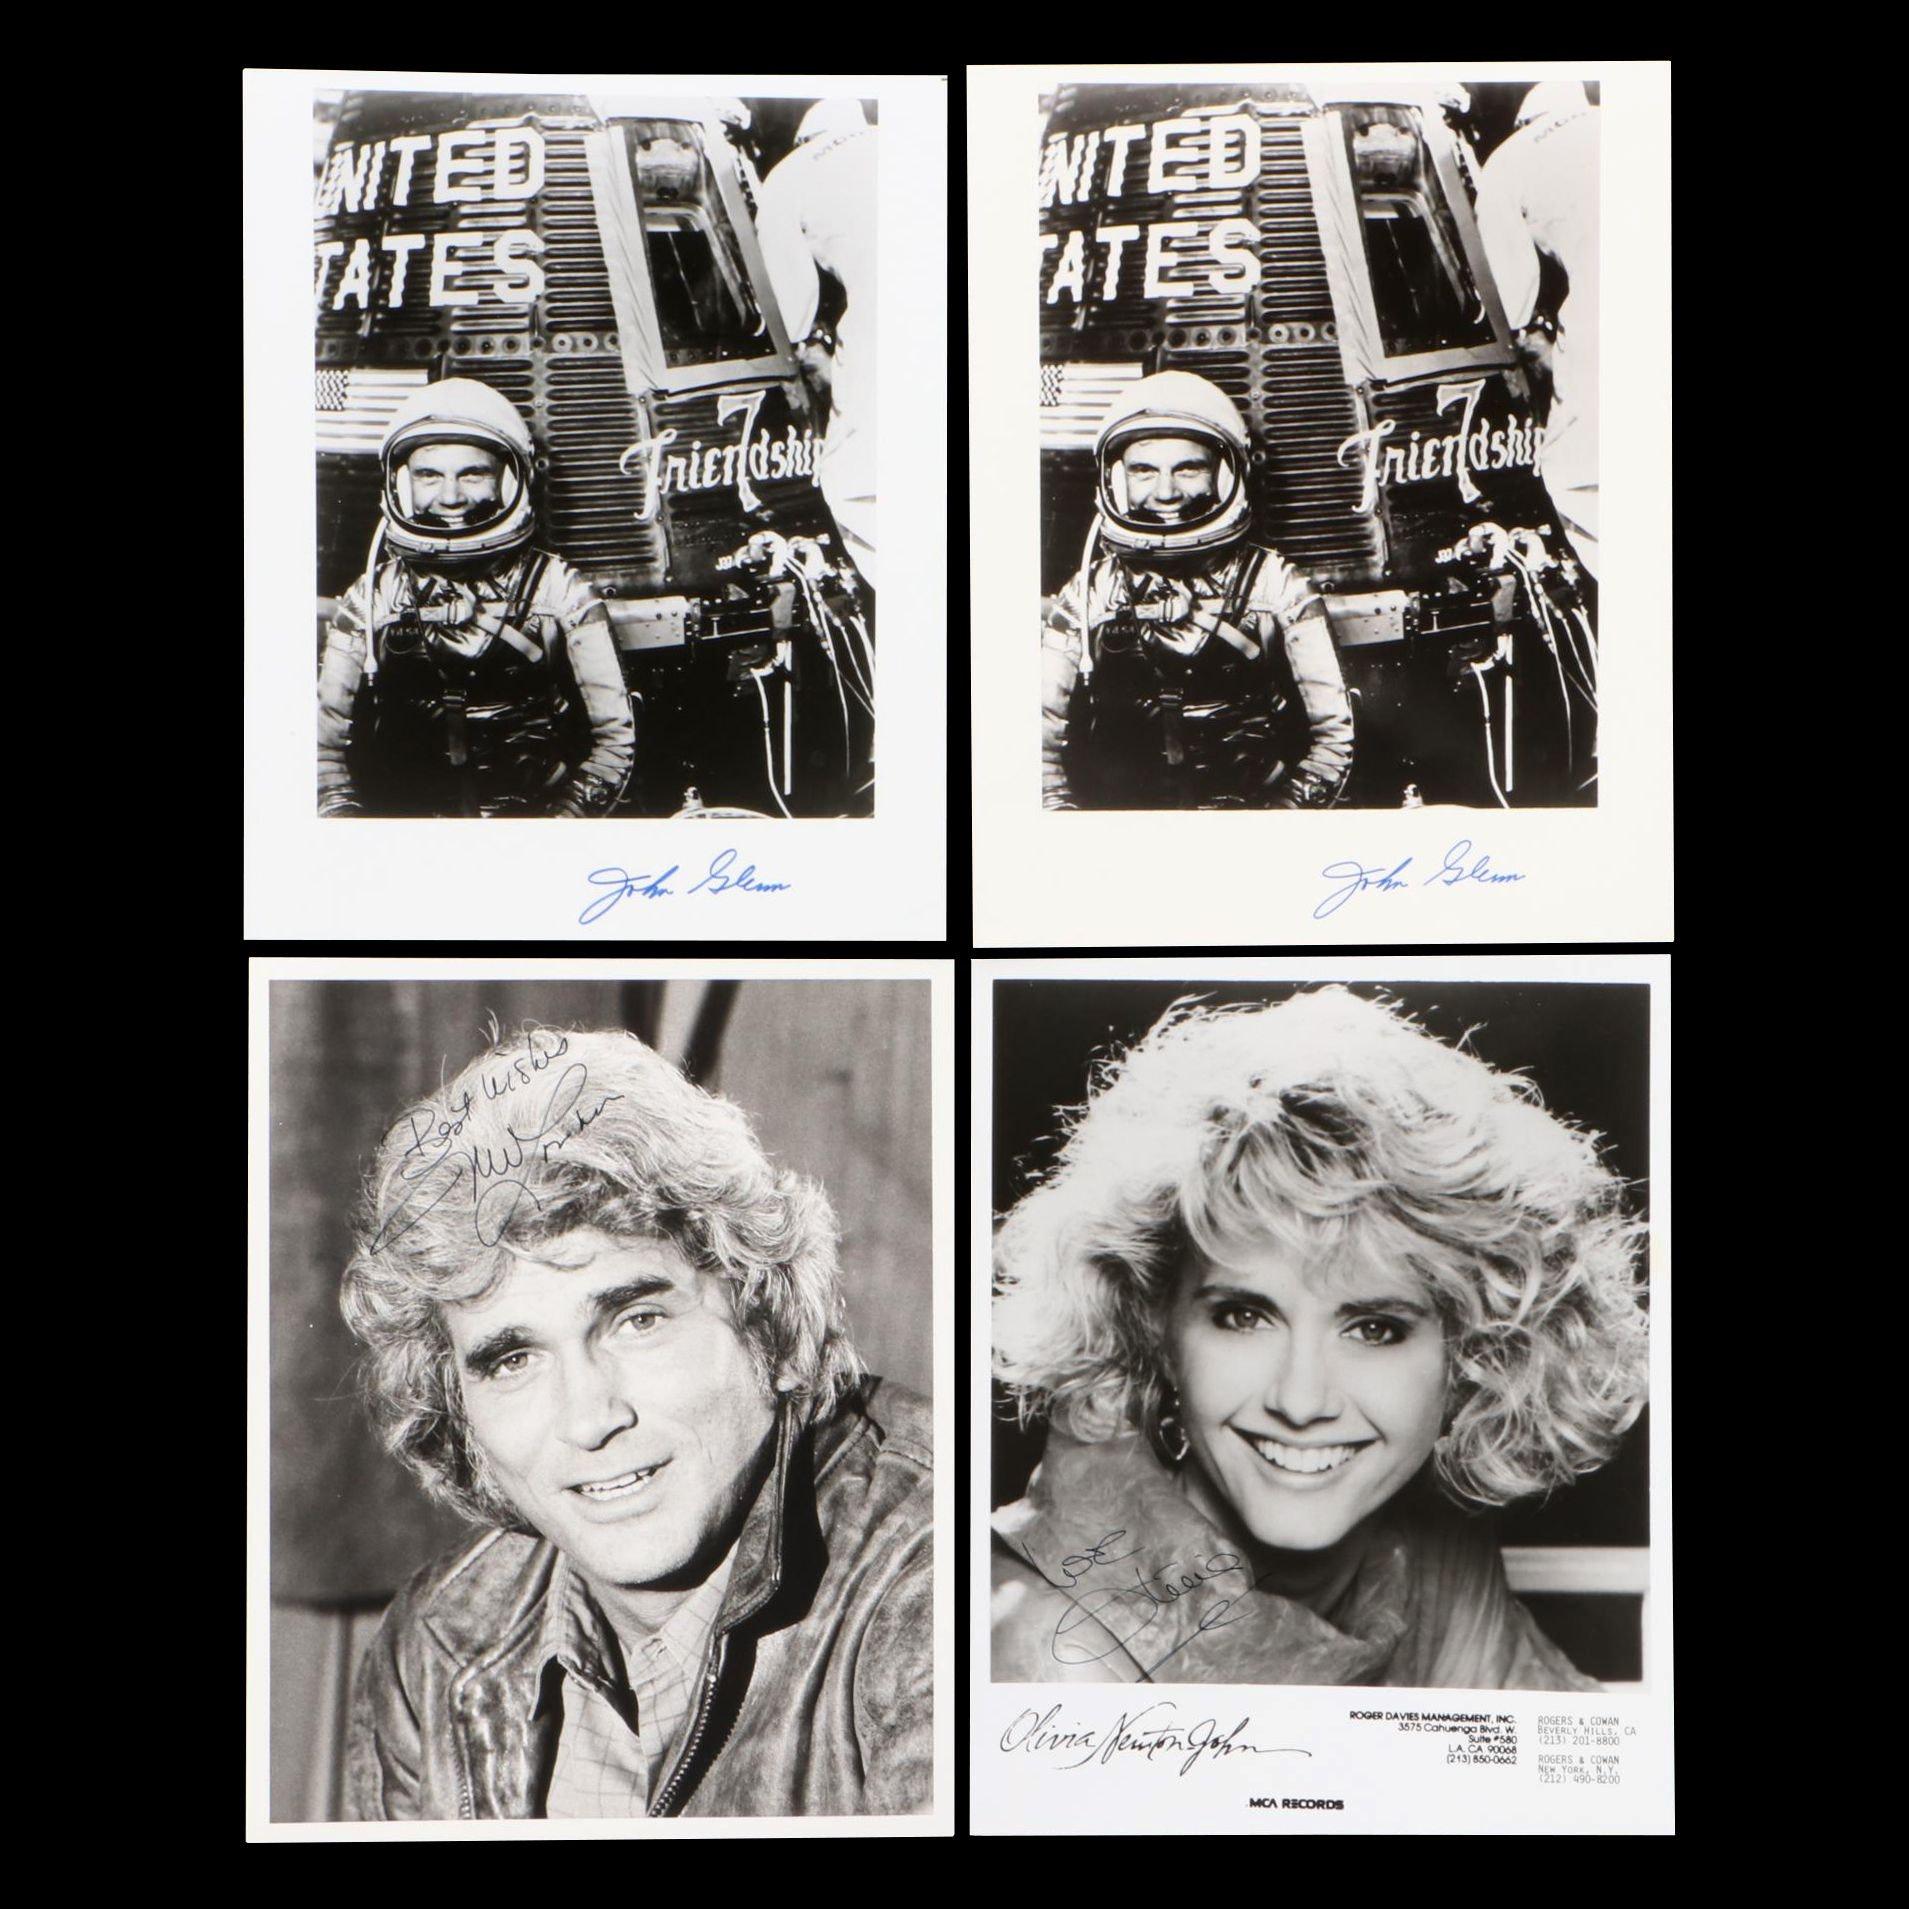 John Glenn, Olivia Newton John, and Michael Landon Signed Photo Prints